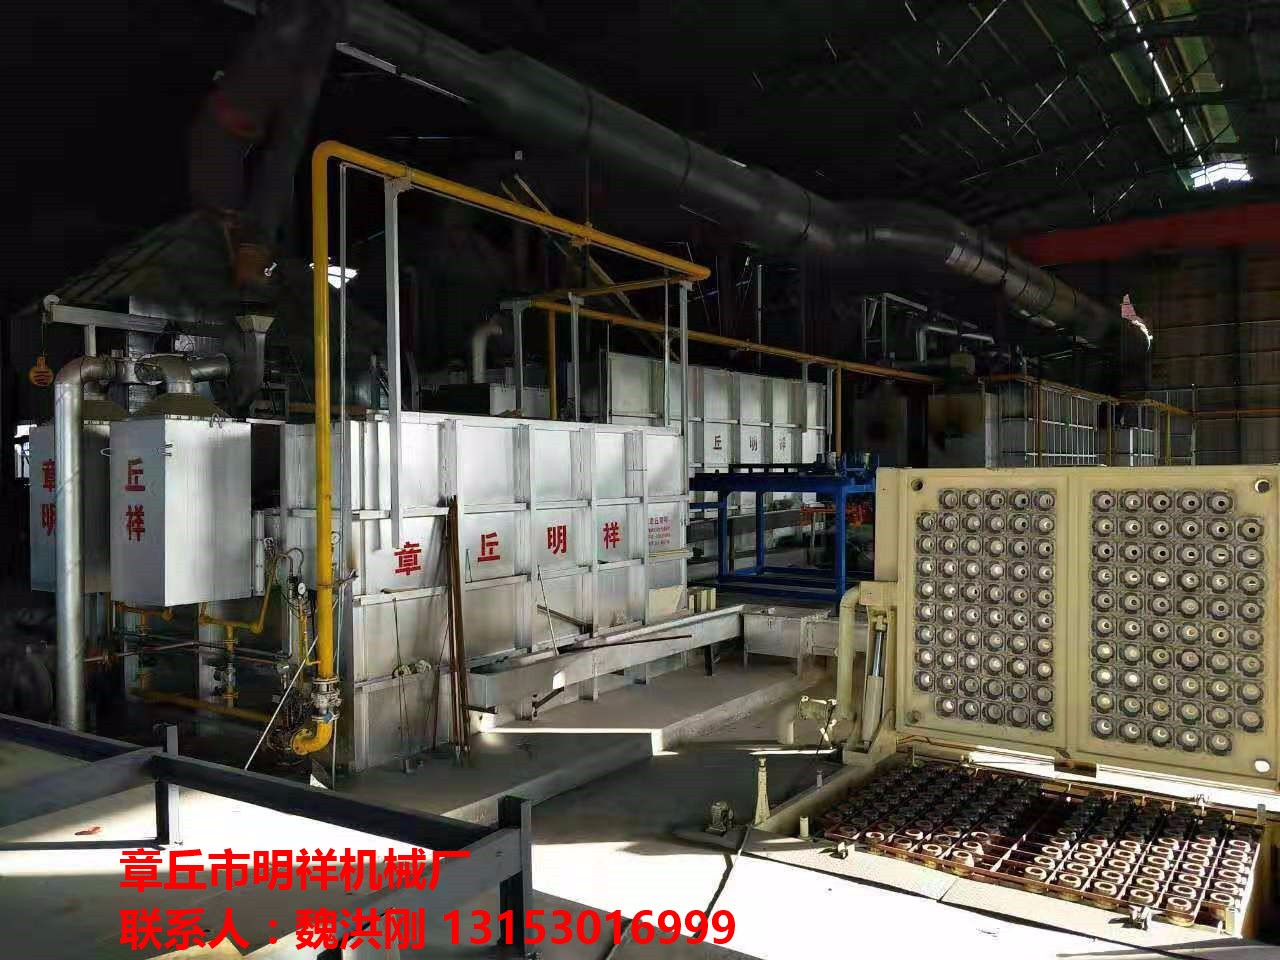 临沂熔铝炉蓄热式熔铝炉厂家-全国发货